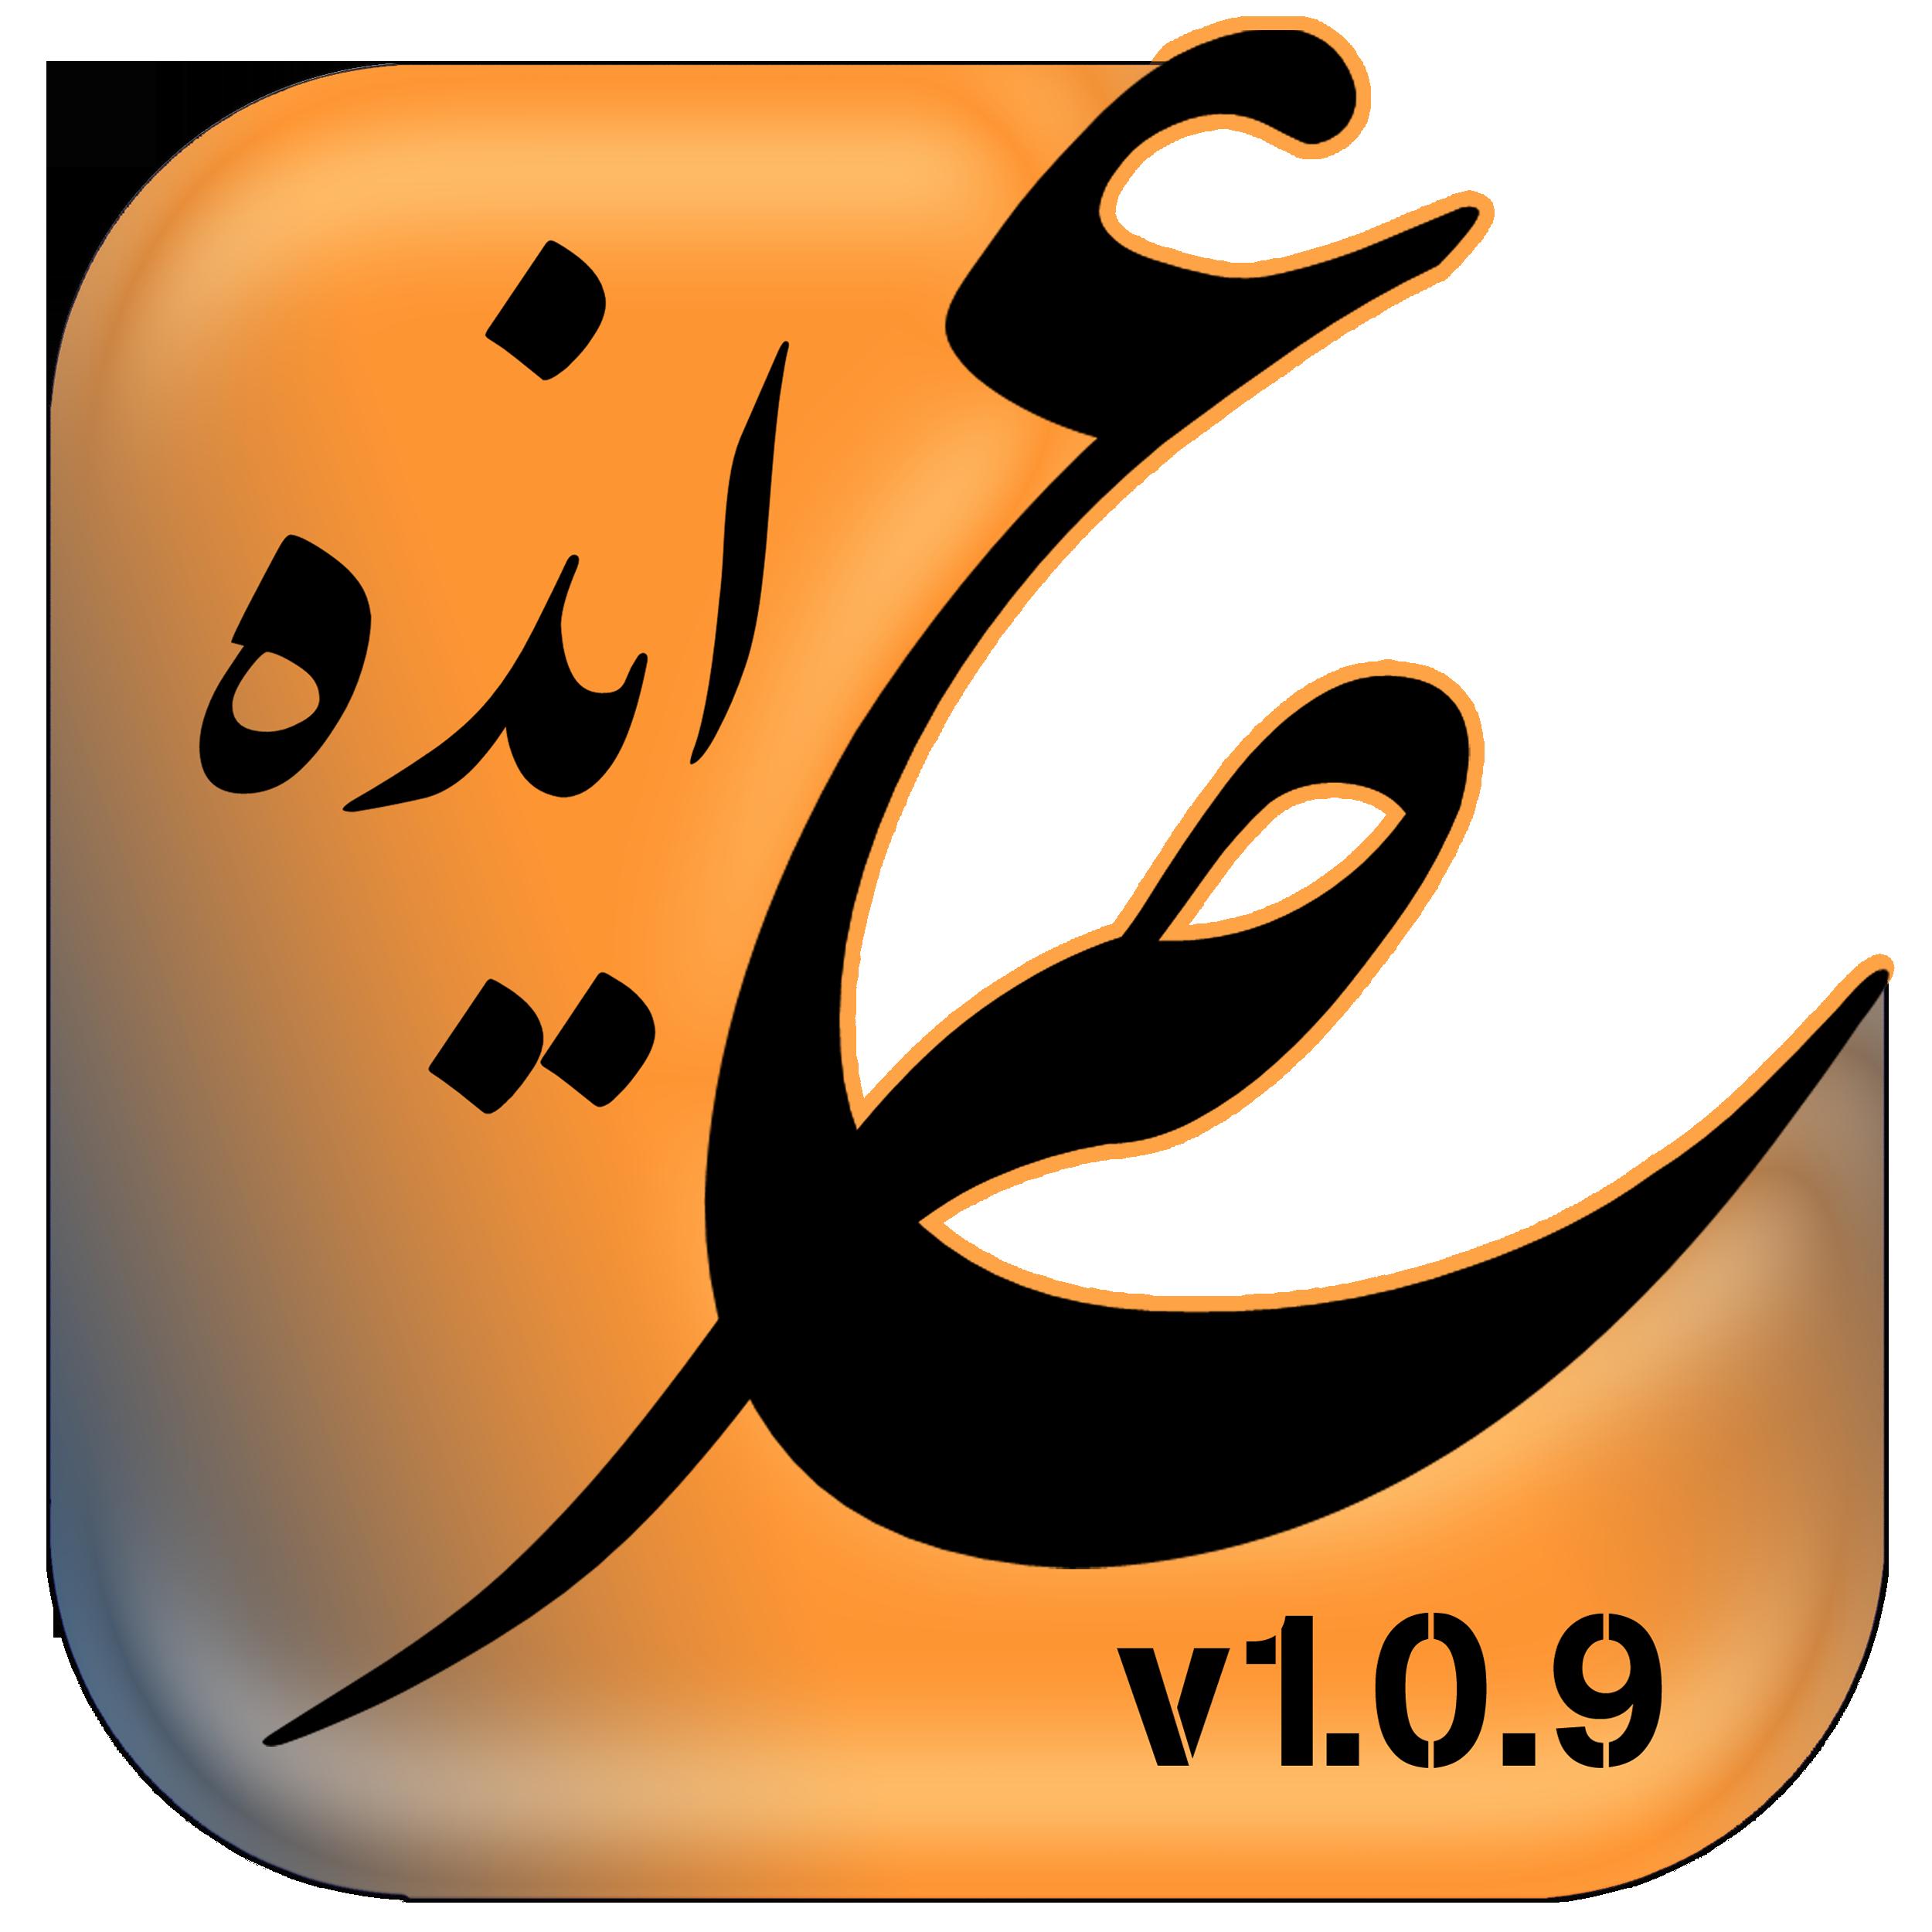 نسخه ۱٫۰٫۹ برنامه اندرویدی عصر ایذه منتشر شد